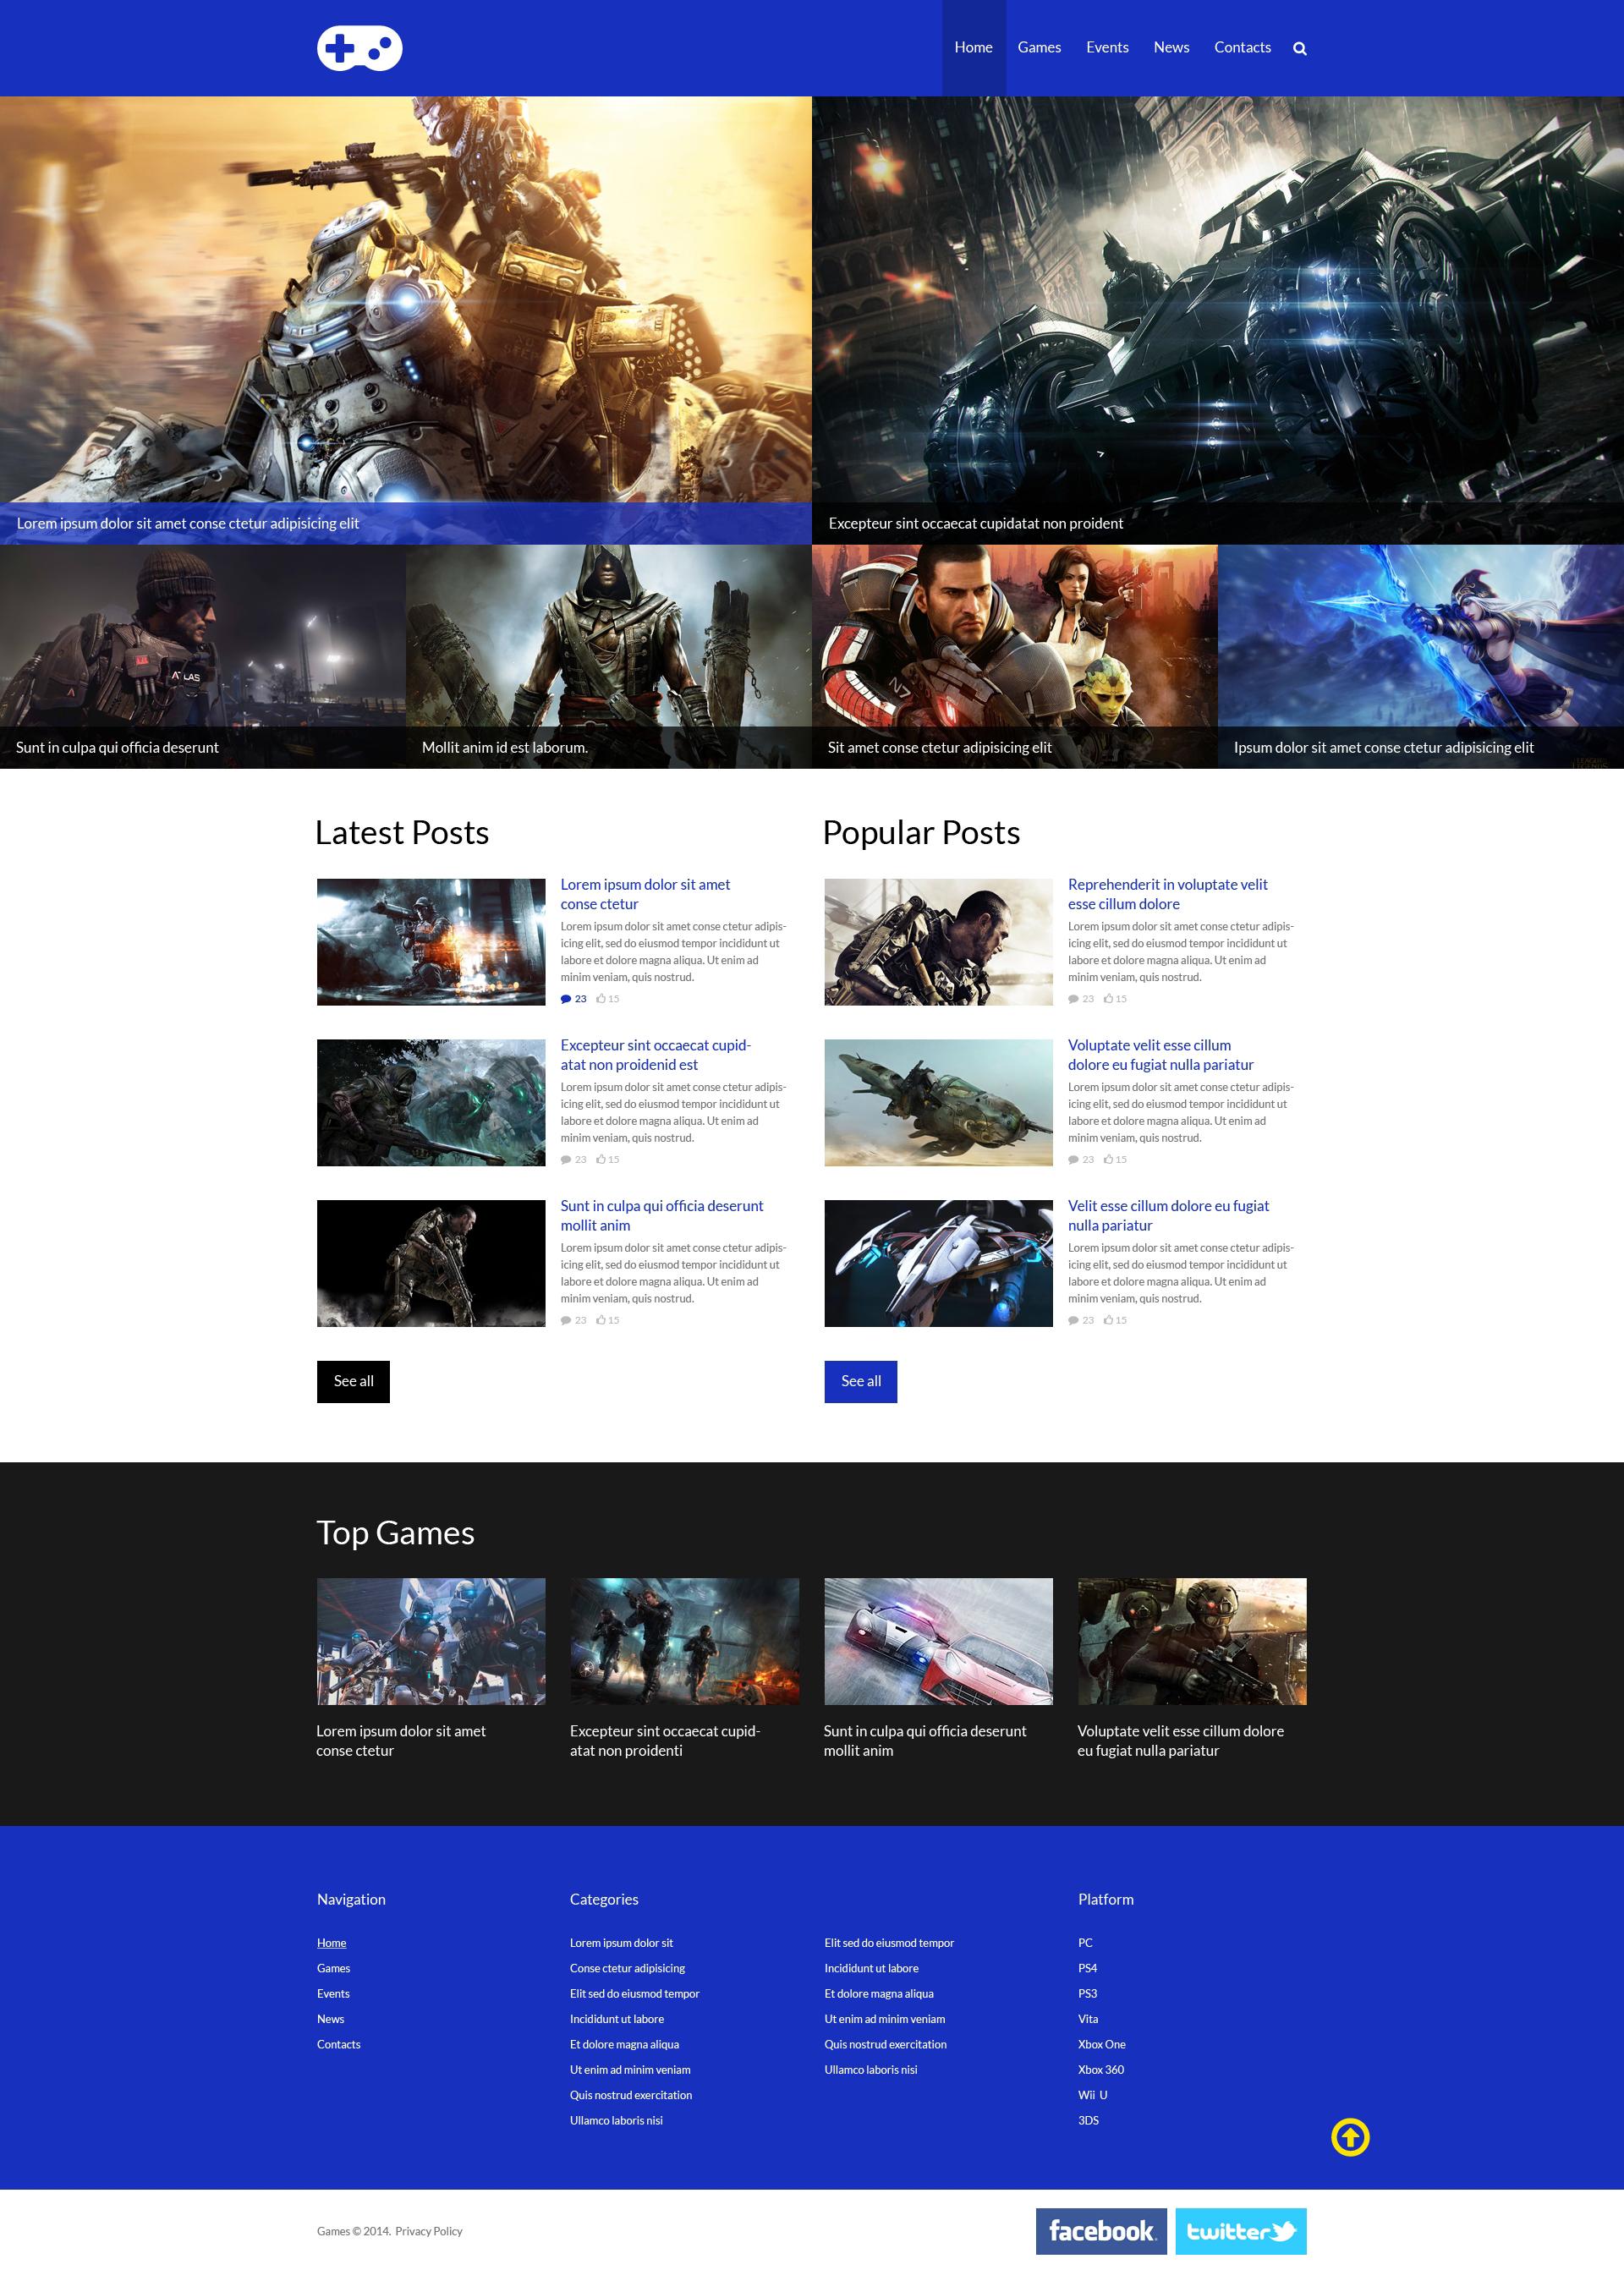 Plantilla Web Responsive para Sitio de Portal de Juegos #51312